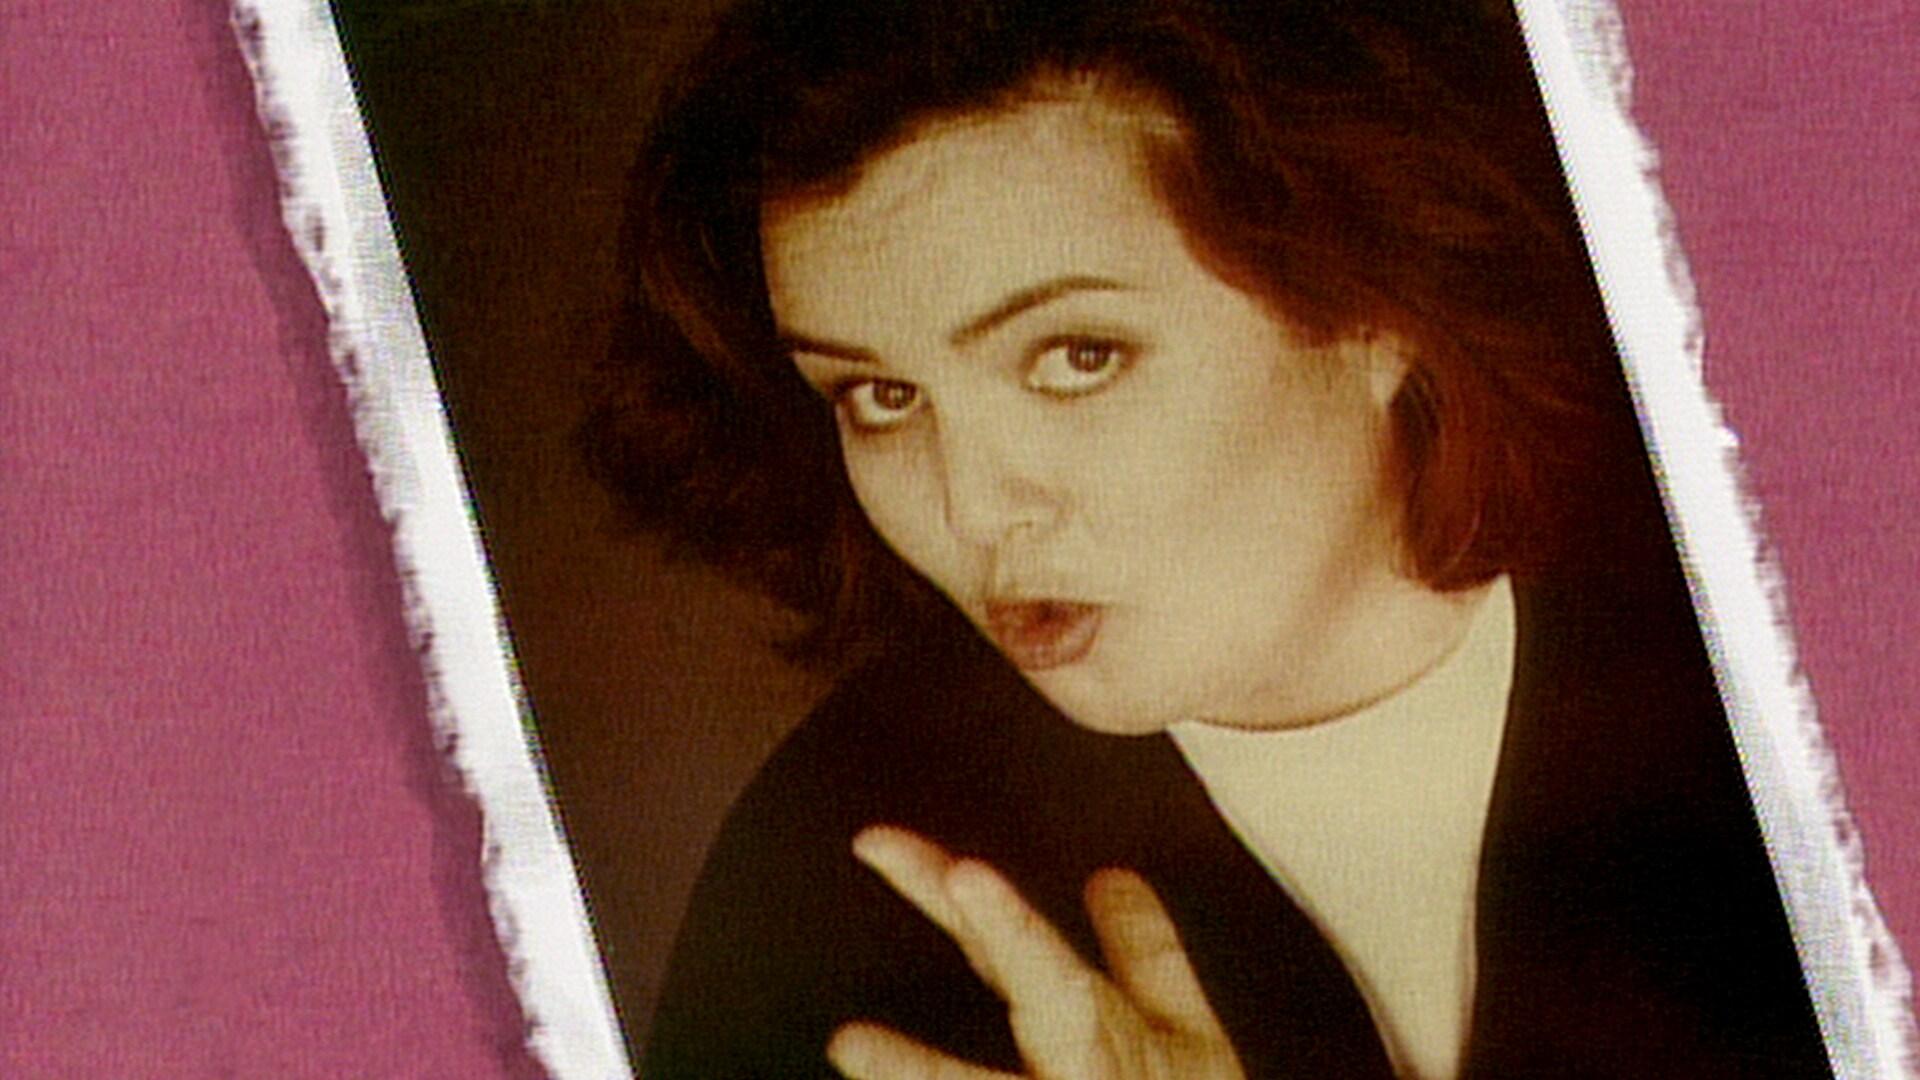 Rosie O'Donnell: November 13, 1993